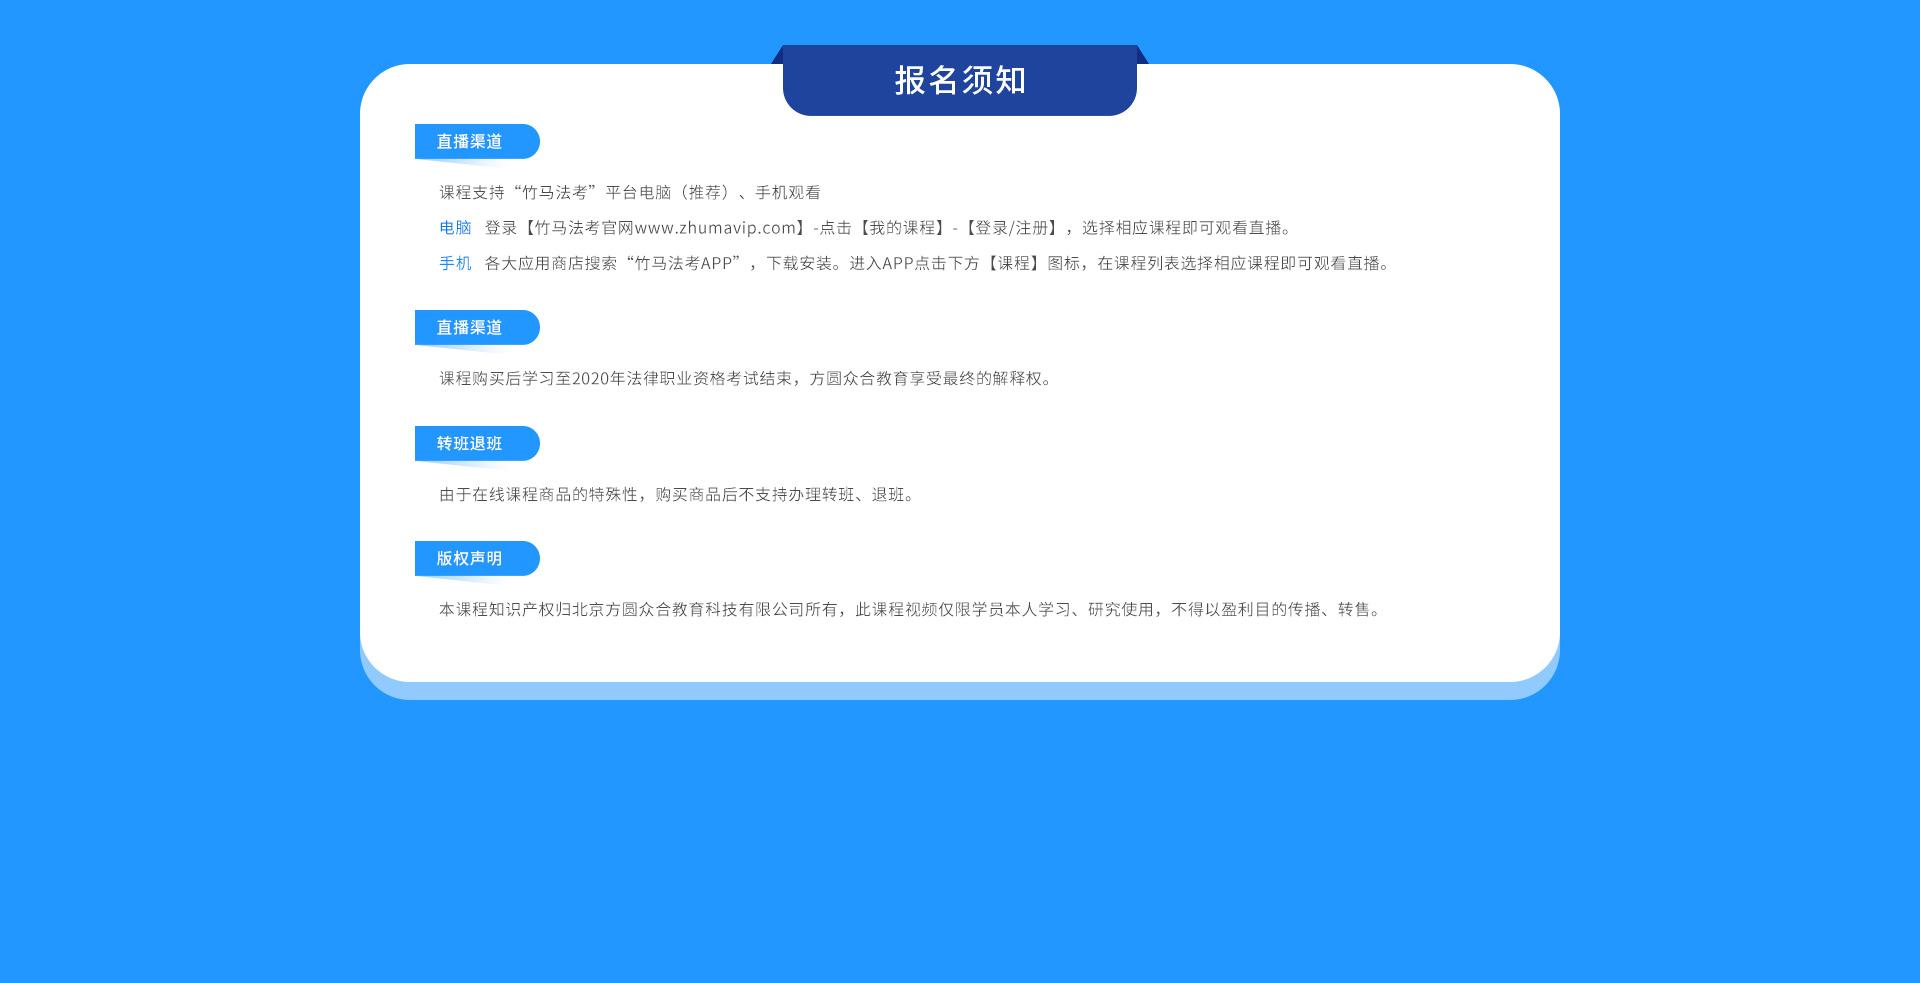 重点学科班PC专题_10.jpg